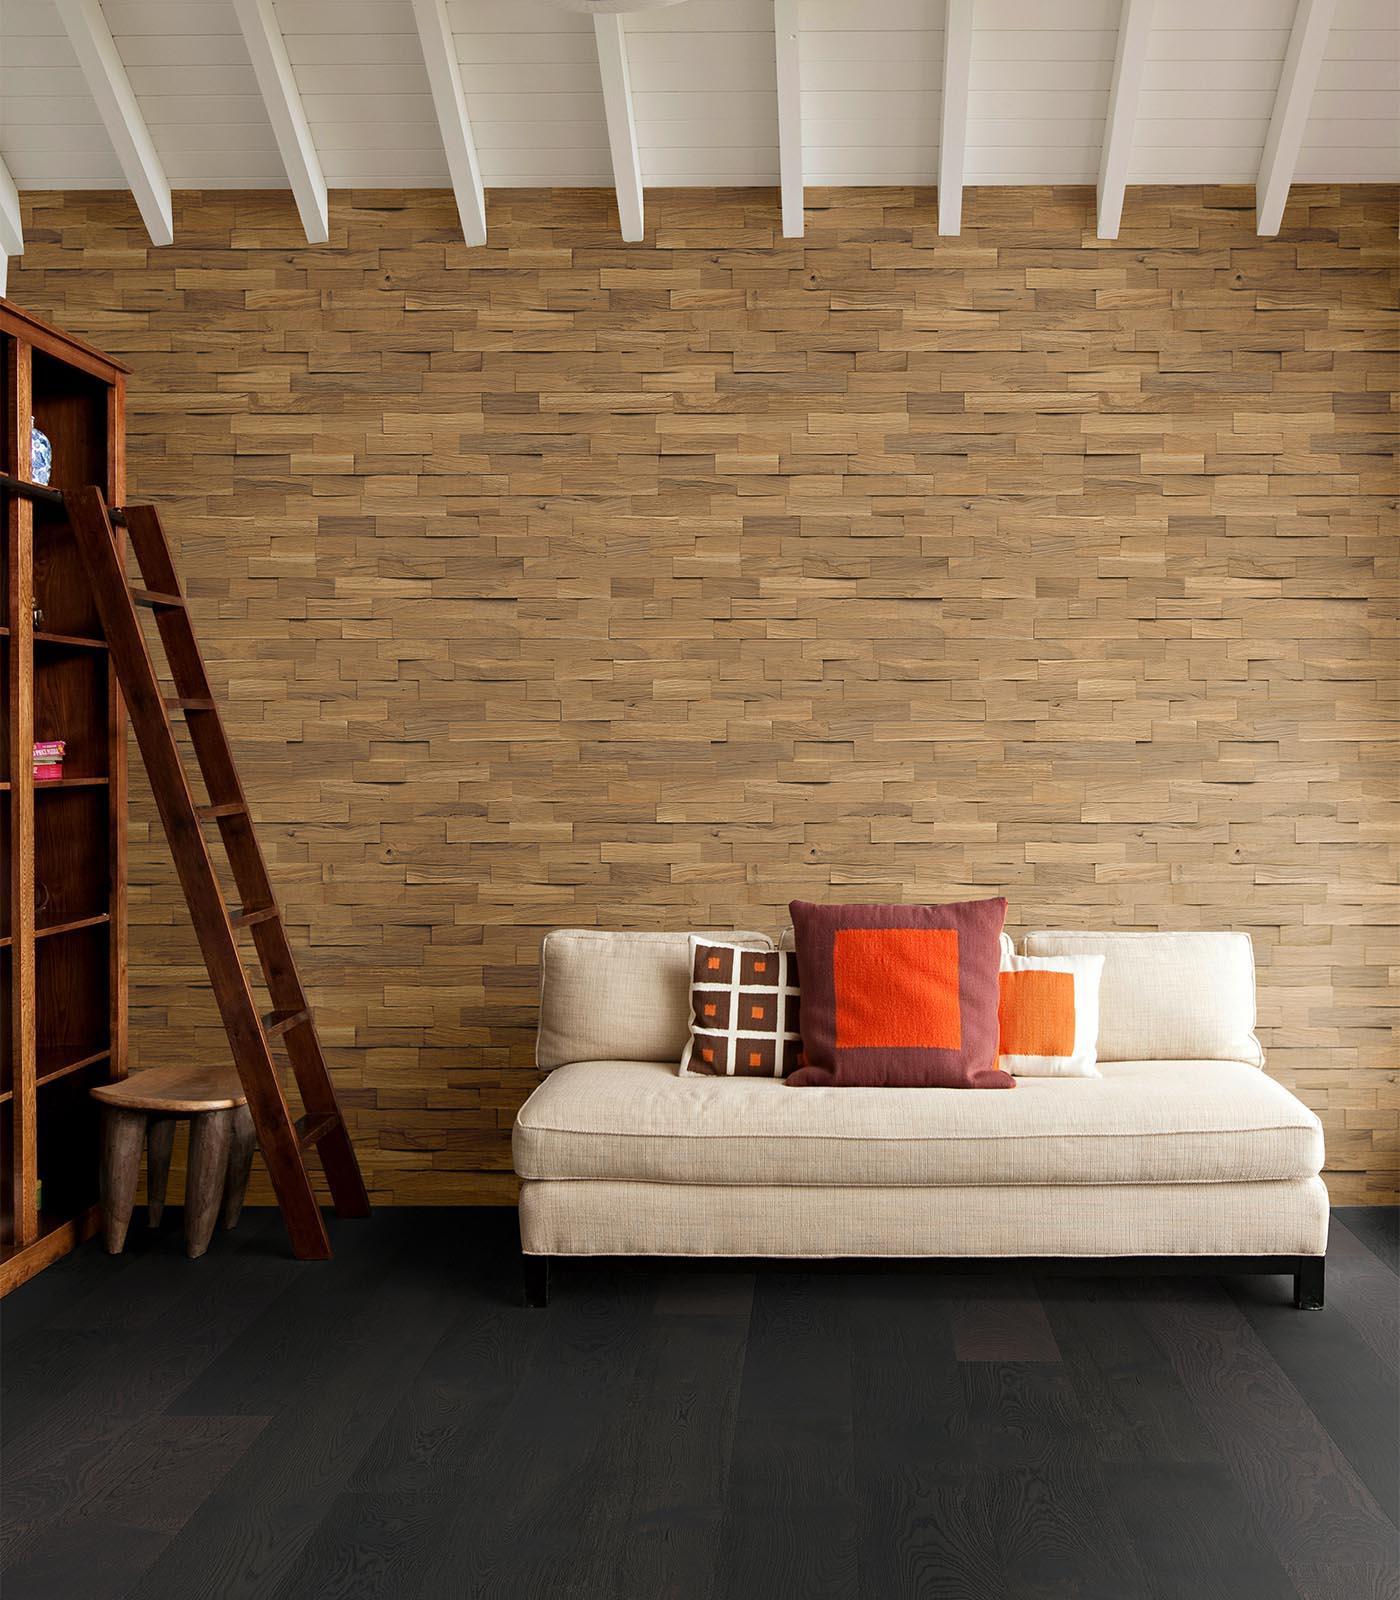 Hera-european Oak wall panelling